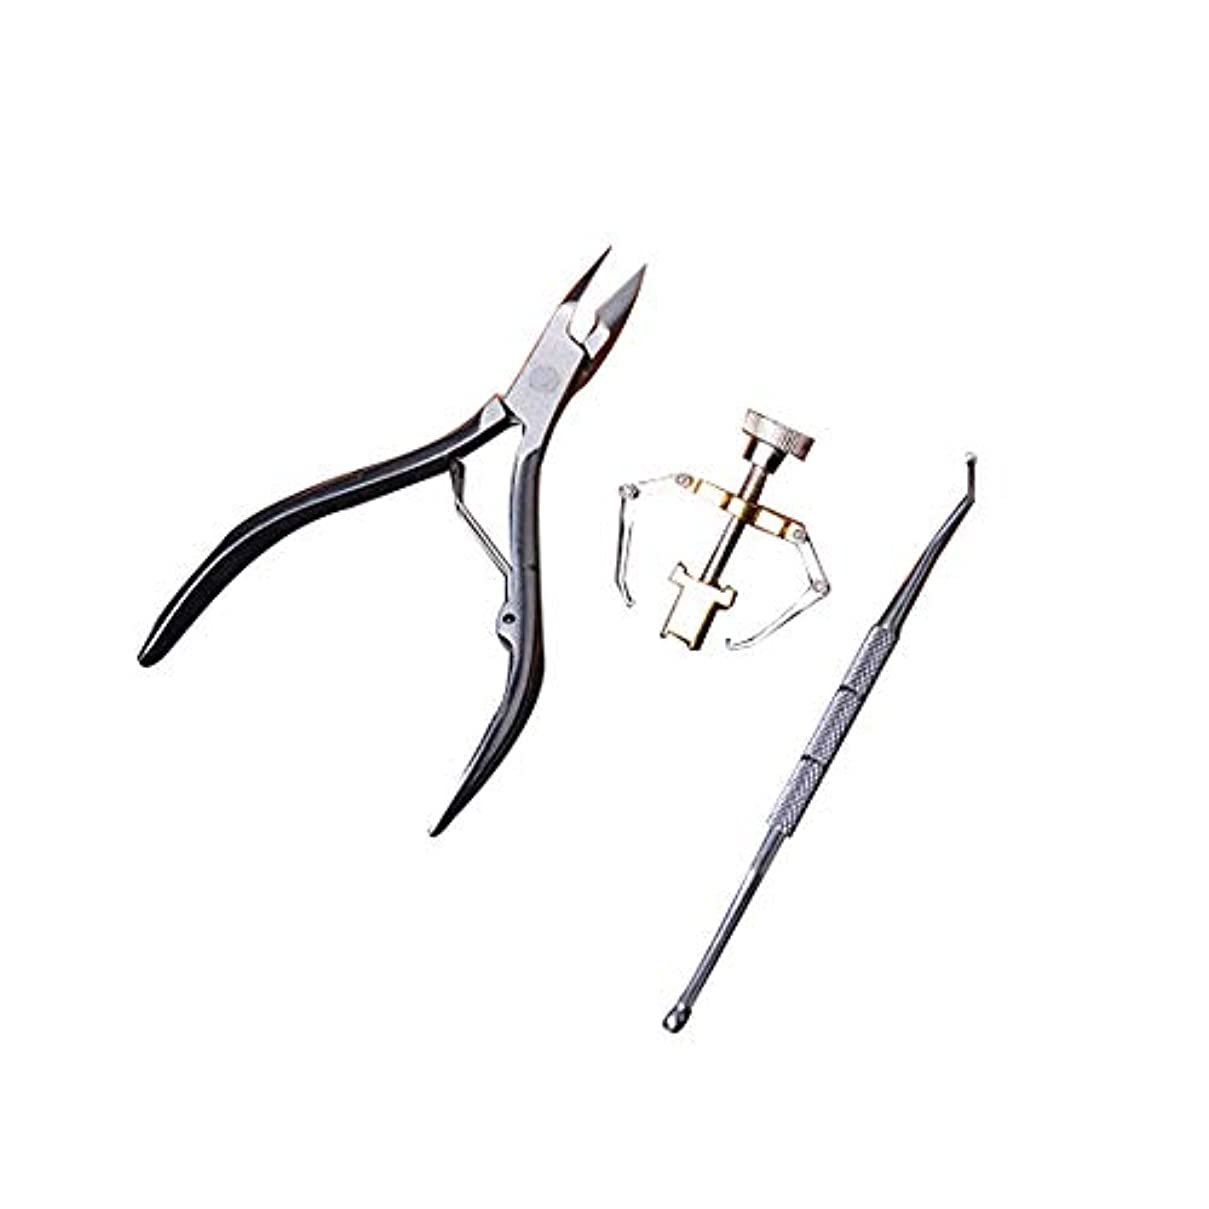 健康的上がる硬さステンレス爪切りセット携帯便利男女兼用 爪切りセット、シルバー、3点セット